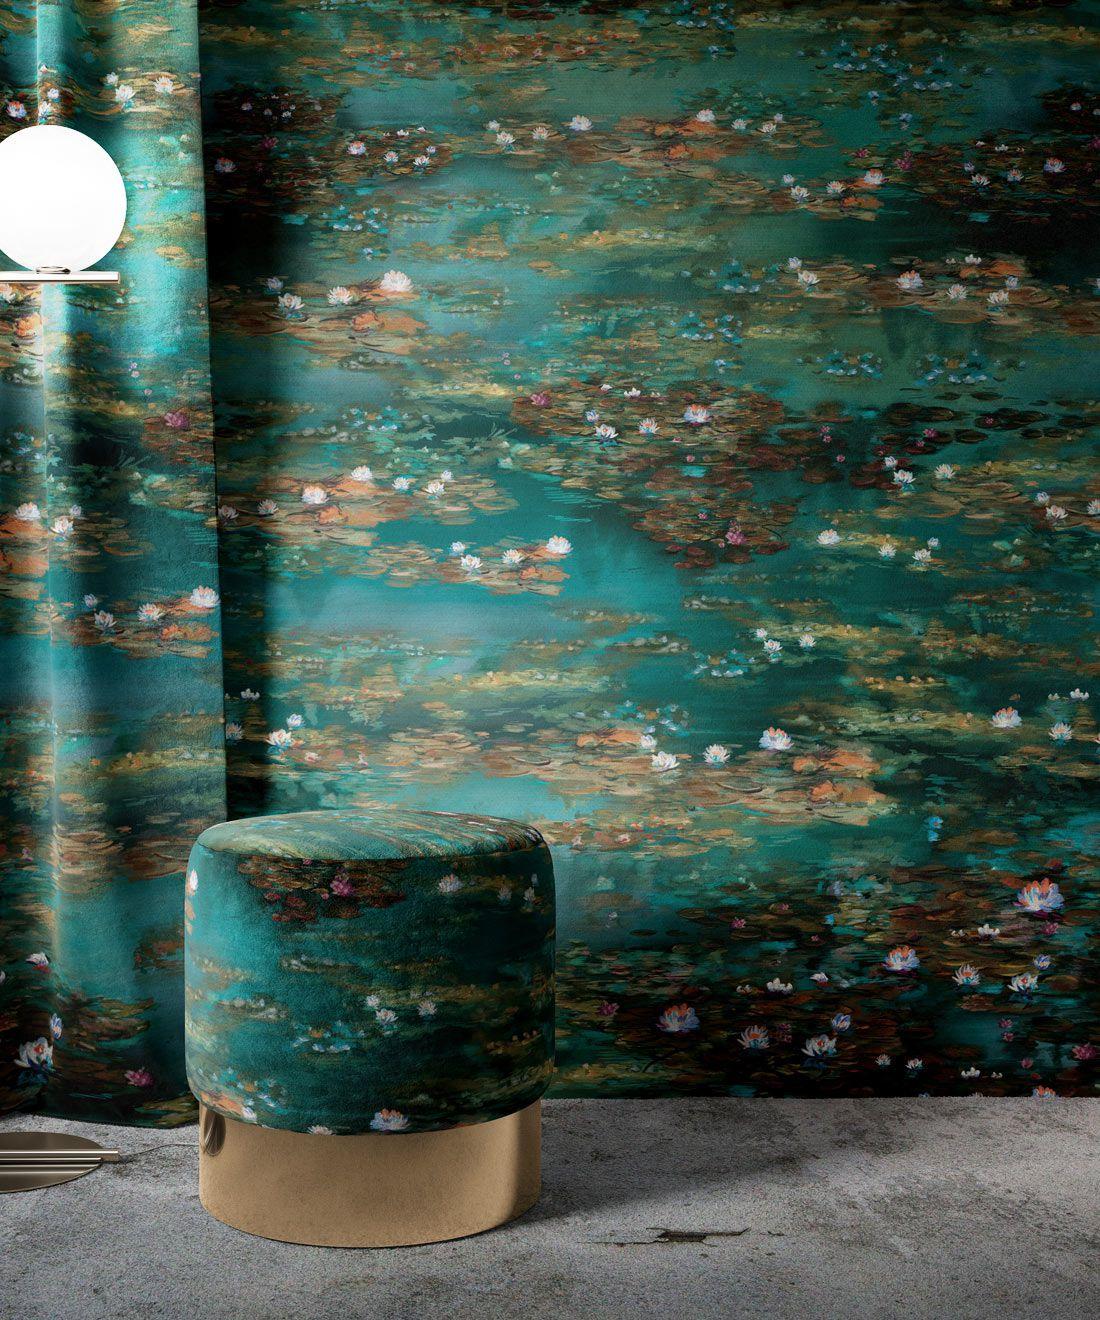 Water Lillies Wallpaper •Abstract Wallpaper • Dreamy Wallpaper • Teal Wallpaper •Insitu